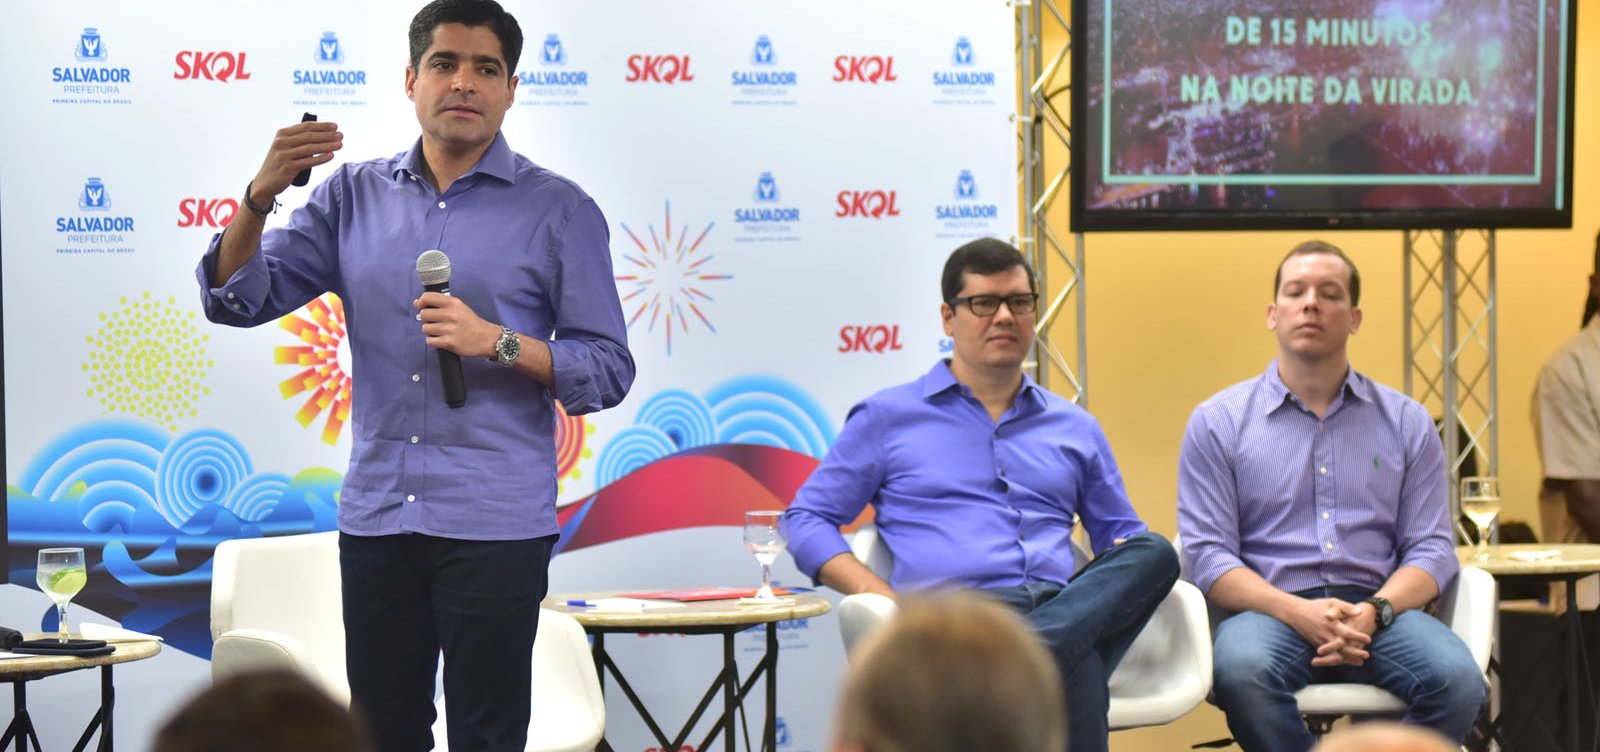 [Festival Virada Salvador terá transmissão nacional de ao menos uma TV aberta]